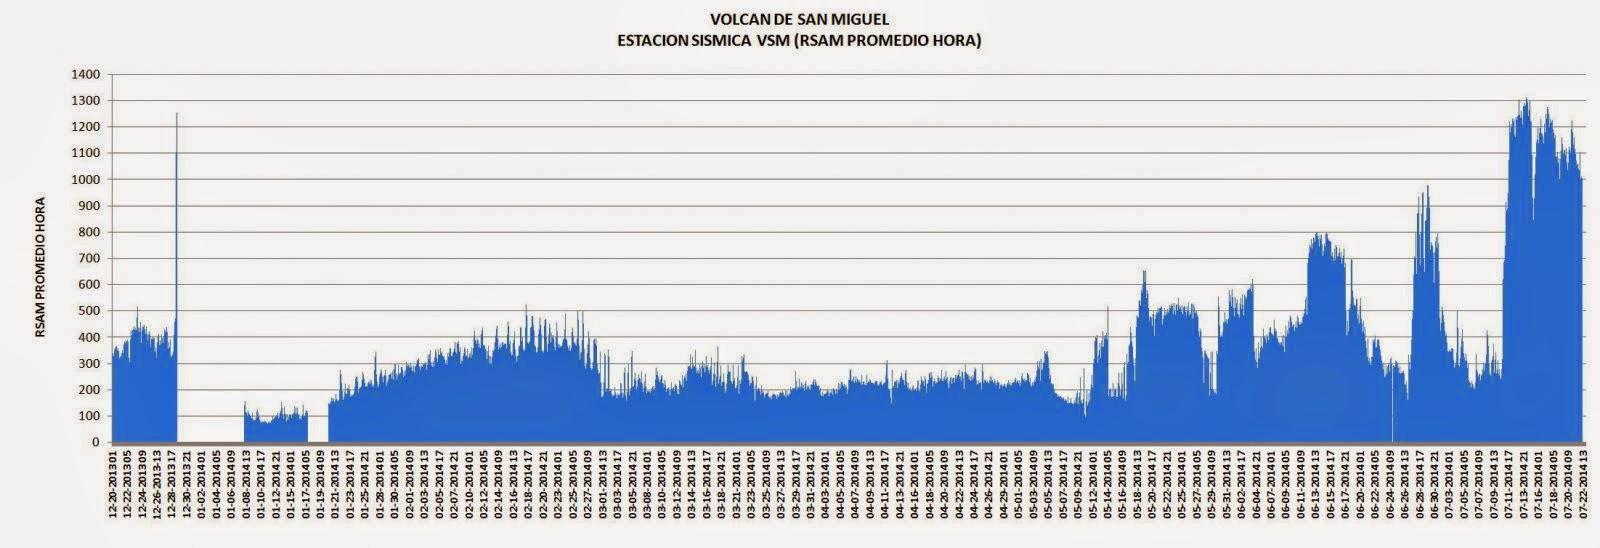 ACTIVIDAD SISMICA VOLCAN CHAPARRASTIQUE, EL SALVADOR